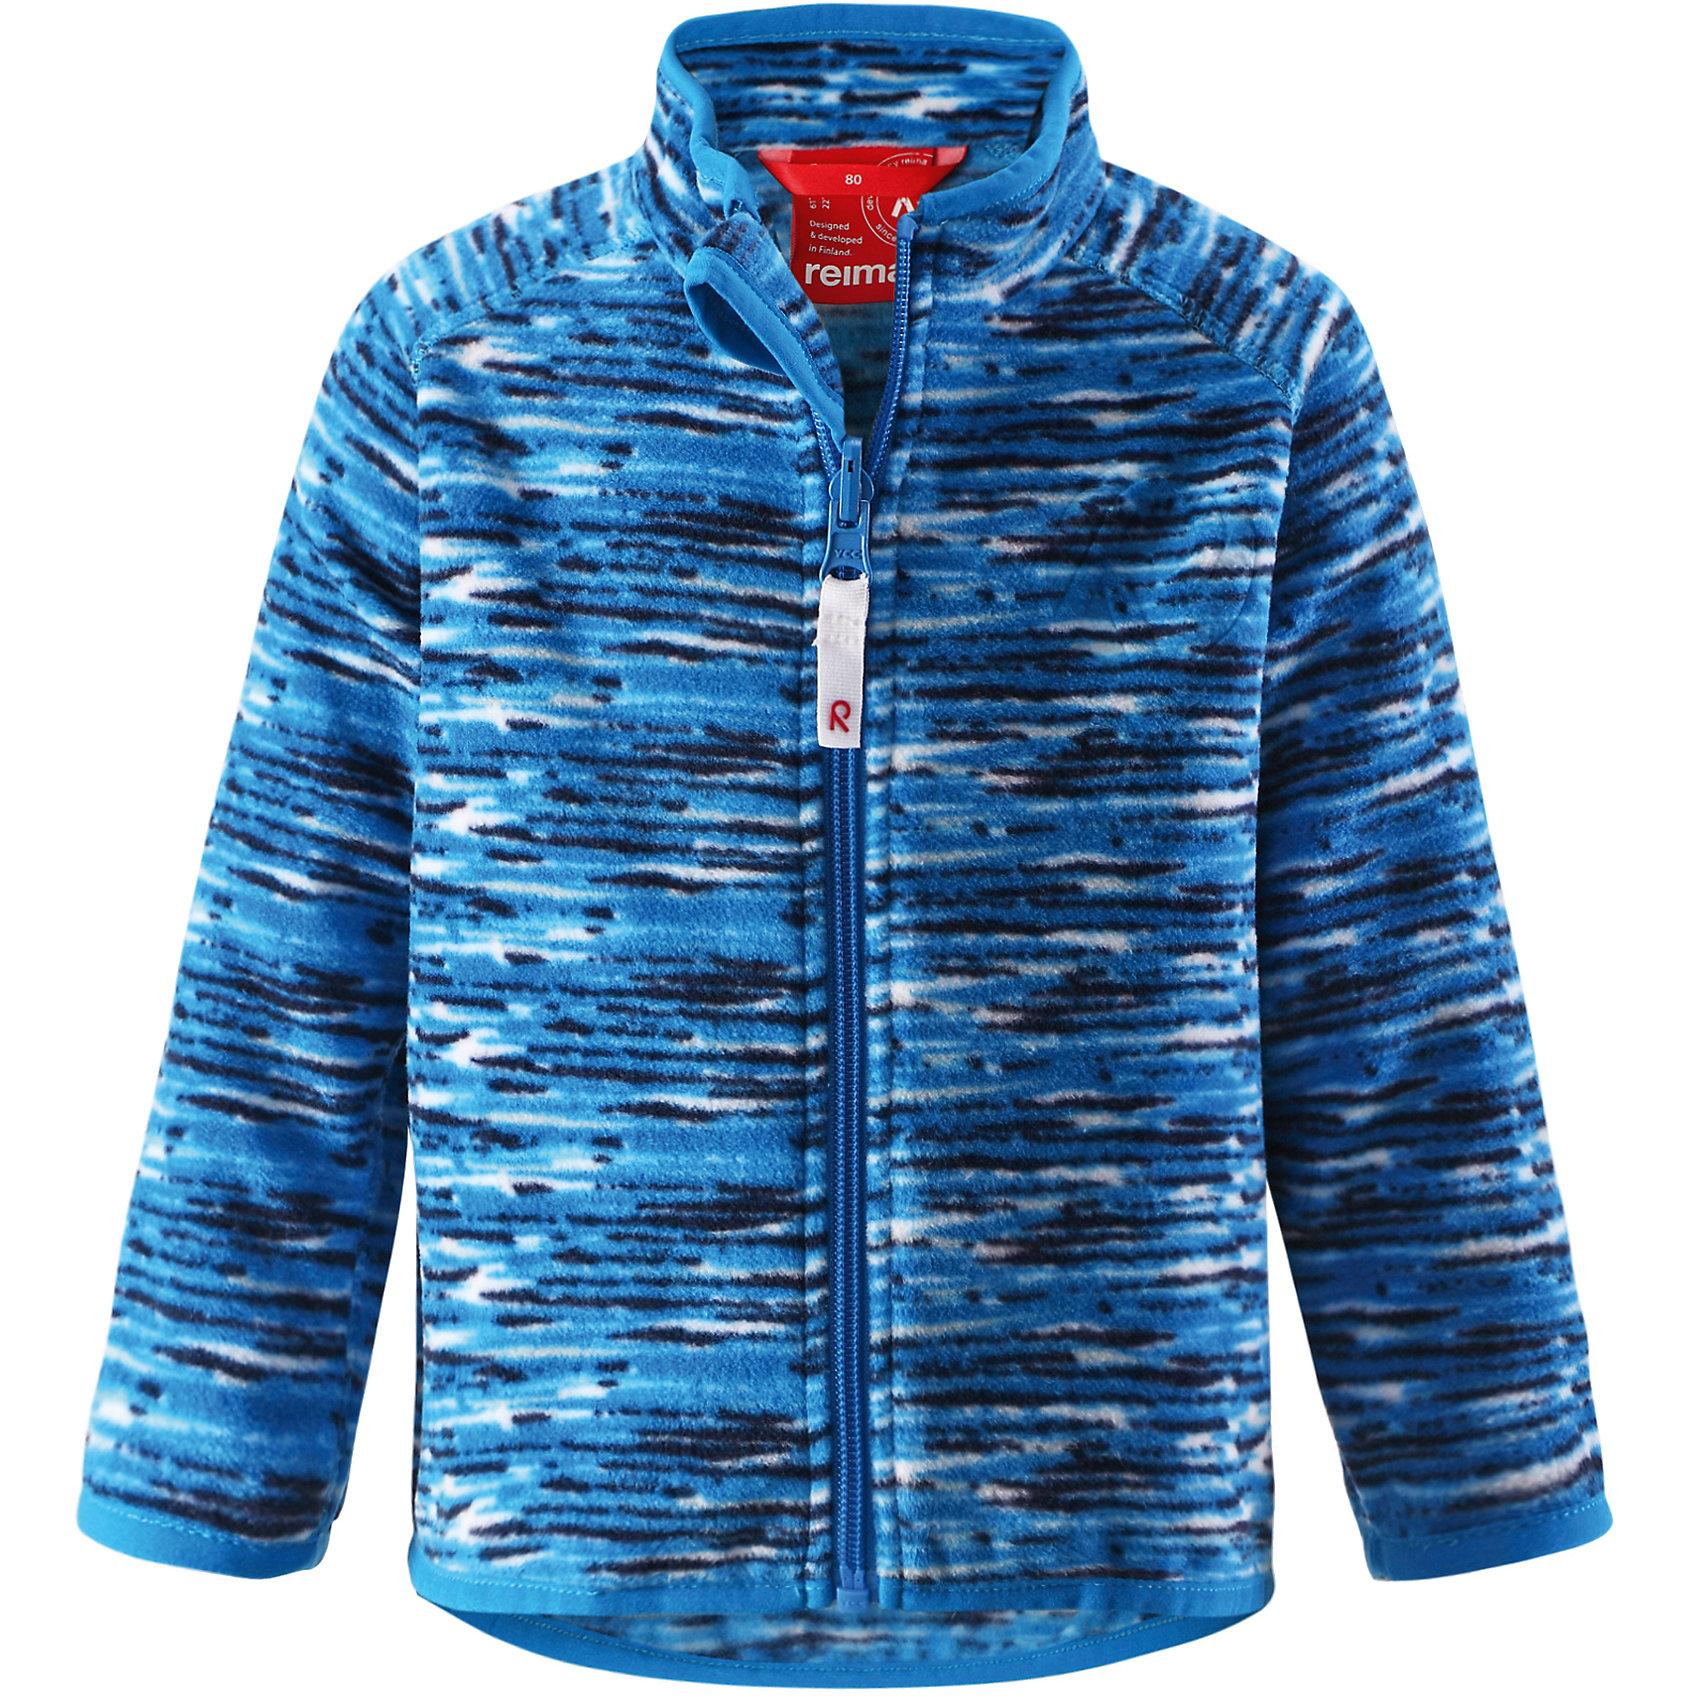 Куртка флисовая ReimaКуртка флисовая от финской марки Reima.<br>*Флисовая куртка для малышей*Теплый, легкий и быстросохнущий поларфлис*Может пристегиваться к верхней одежде Reima® кнопками Play Layers®*Эластичная резинка на воротнике, манжетах и подоле*Удлиненный подол сзади для дополнительной защиты*Молния по всей длине с защитой подбородка*Двухсторонний замок молнии позволяет застегивать куртку при использовании системы Play Layers®*Аппликация<br>Состав:<br>100% ПЭ<br><br>Ширина мм: 190<br>Глубина мм: 74<br>Высота мм: 229<br>Вес г: 236<br>Цвет: голубой<br>Возраст от месяцев: 6<br>Возраст до месяцев: 9<br>Пол: Унисекс<br>Возраст: Детский<br>Размер: 74,92,98,86,80<br>SKU: 4631403